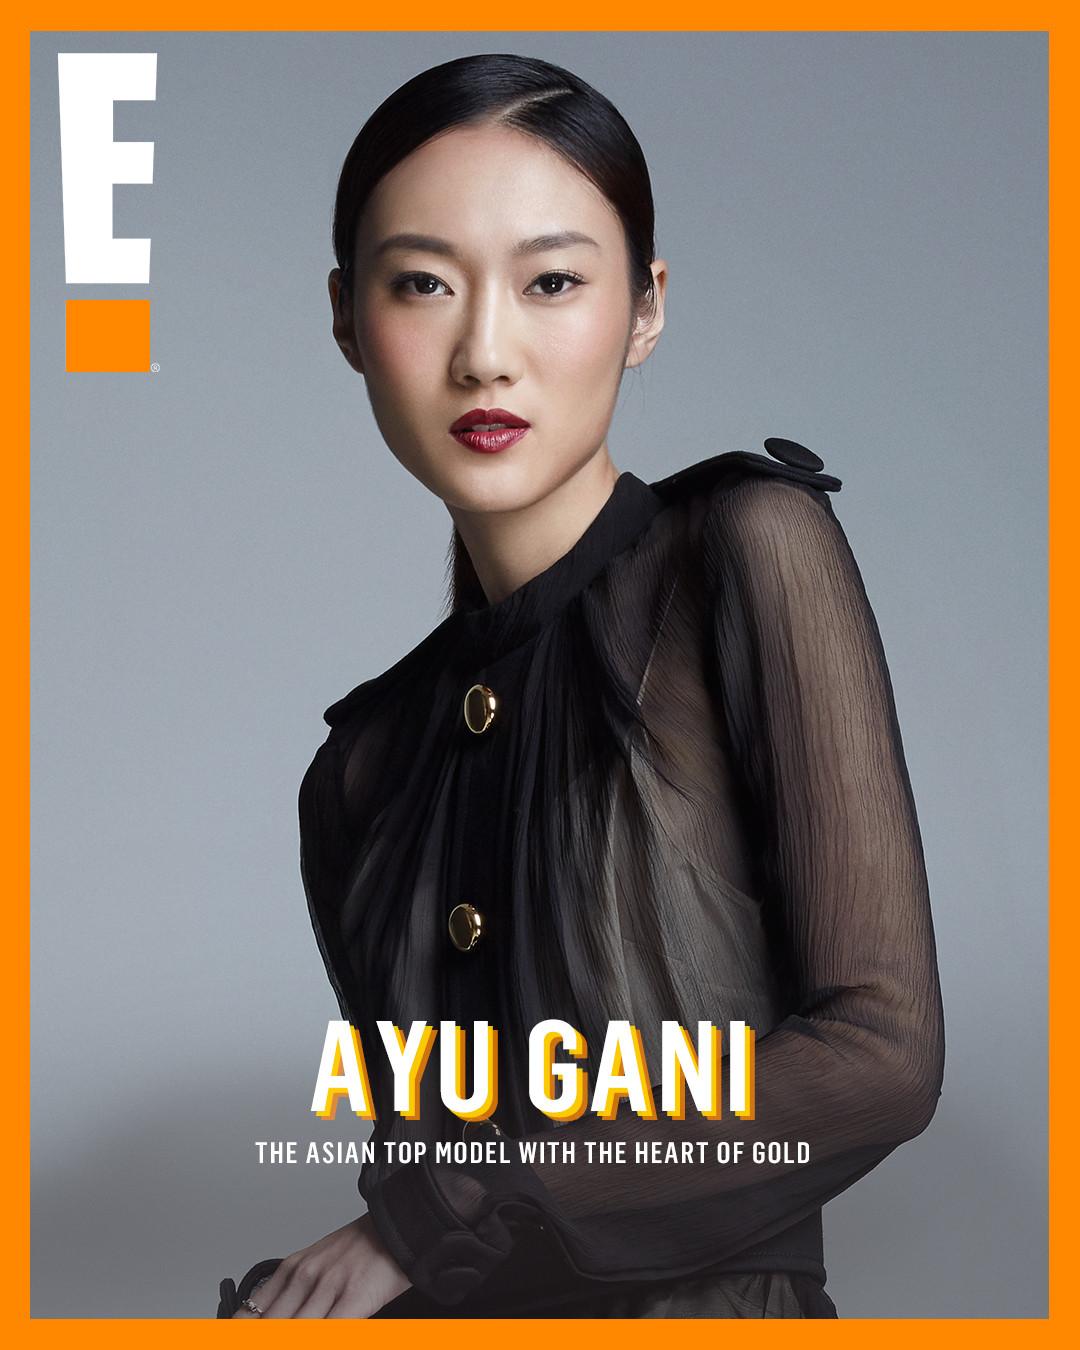 Ayu Gani, Women To Watch - cover